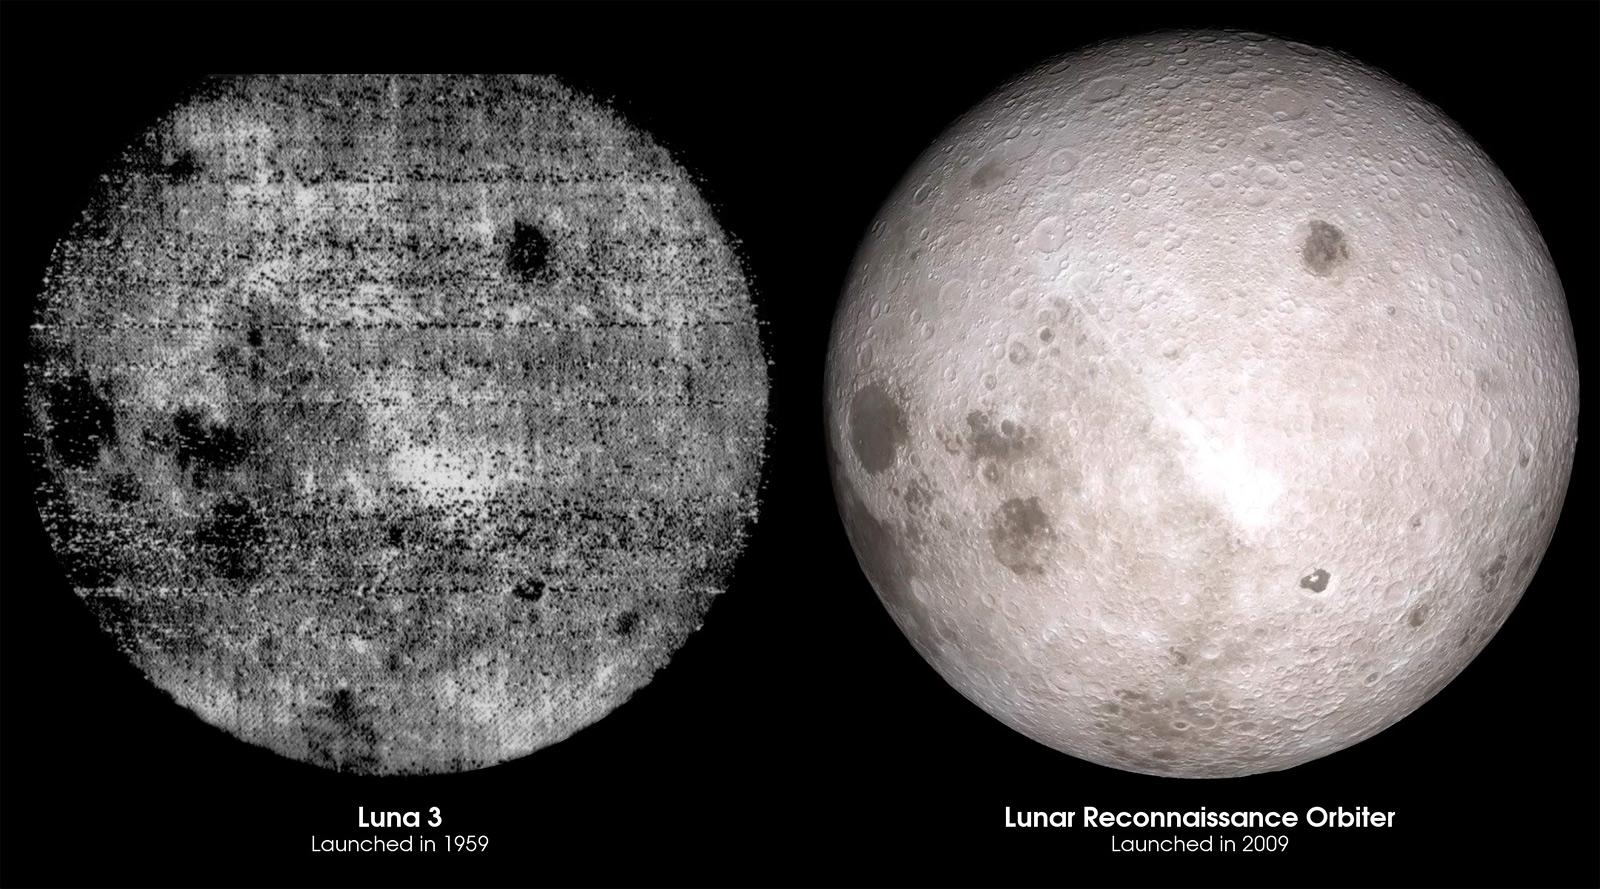 Фото обратной стороны Луны сделанное Луной-3 (слева) и лунным орбитальным модулем (LRO).